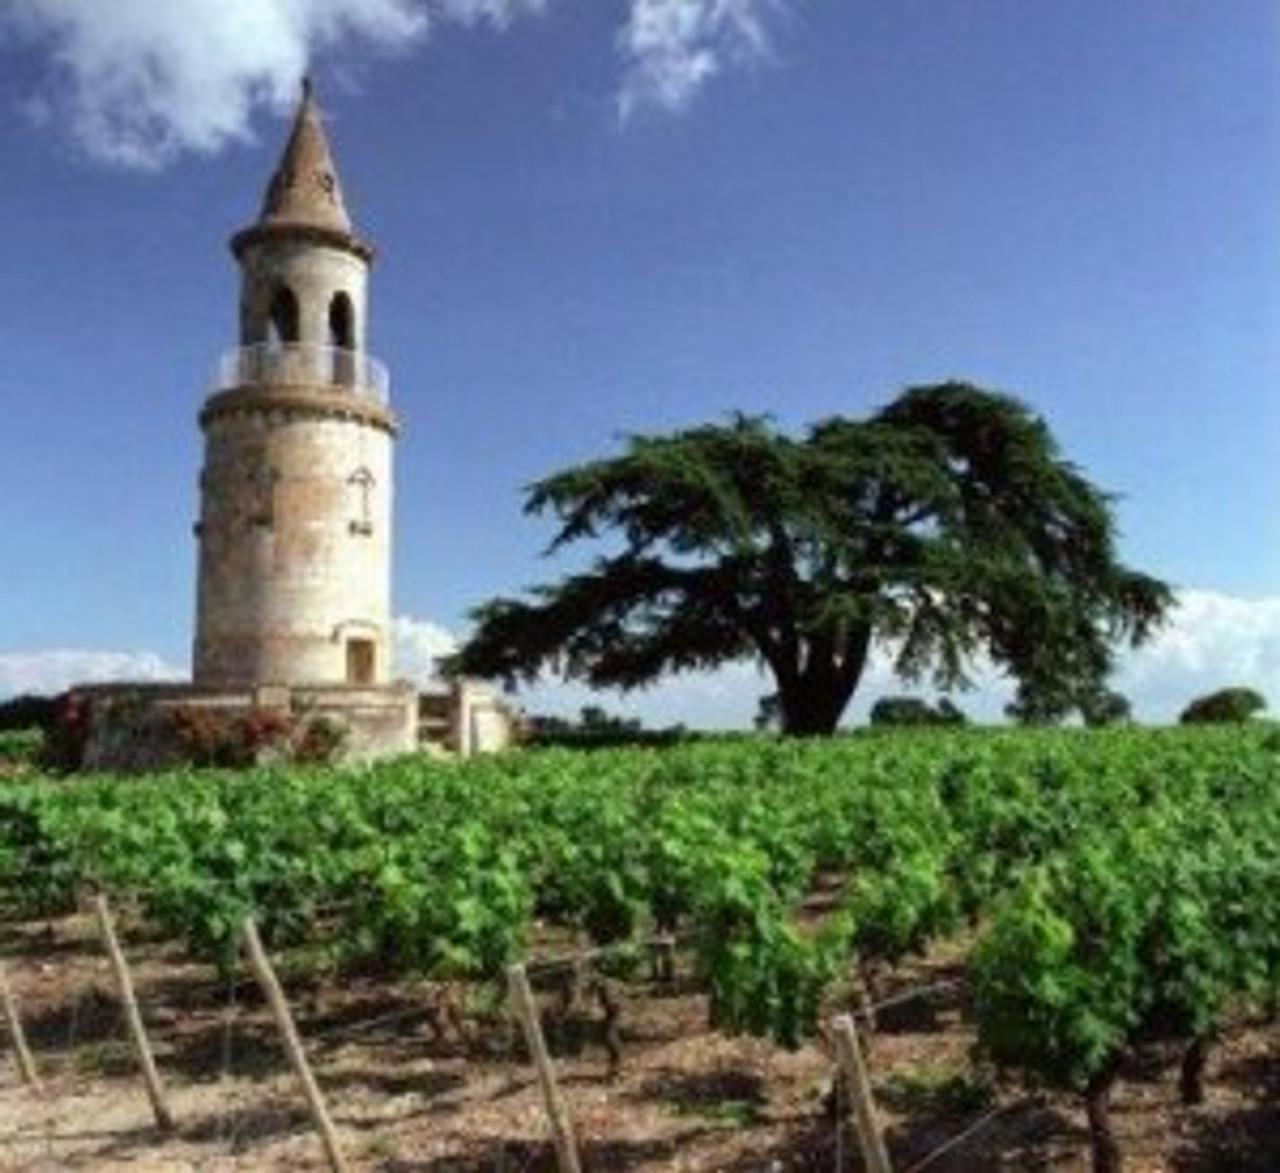 Chateau La Tour de By Medoc 2015